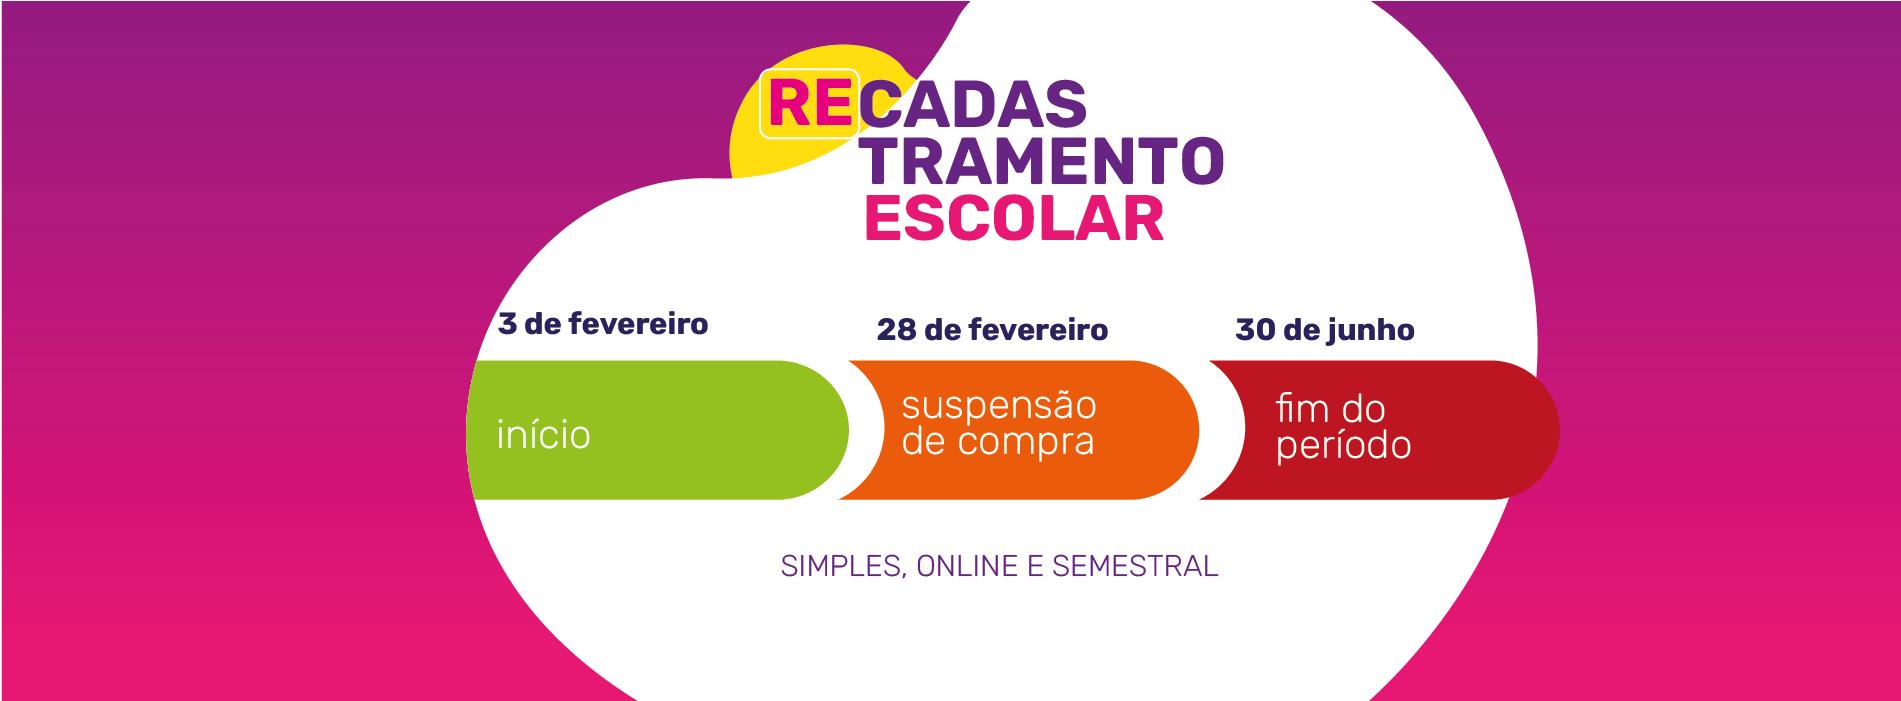 01.-CAD-RECAD-2020_Prancheta-1-cópia